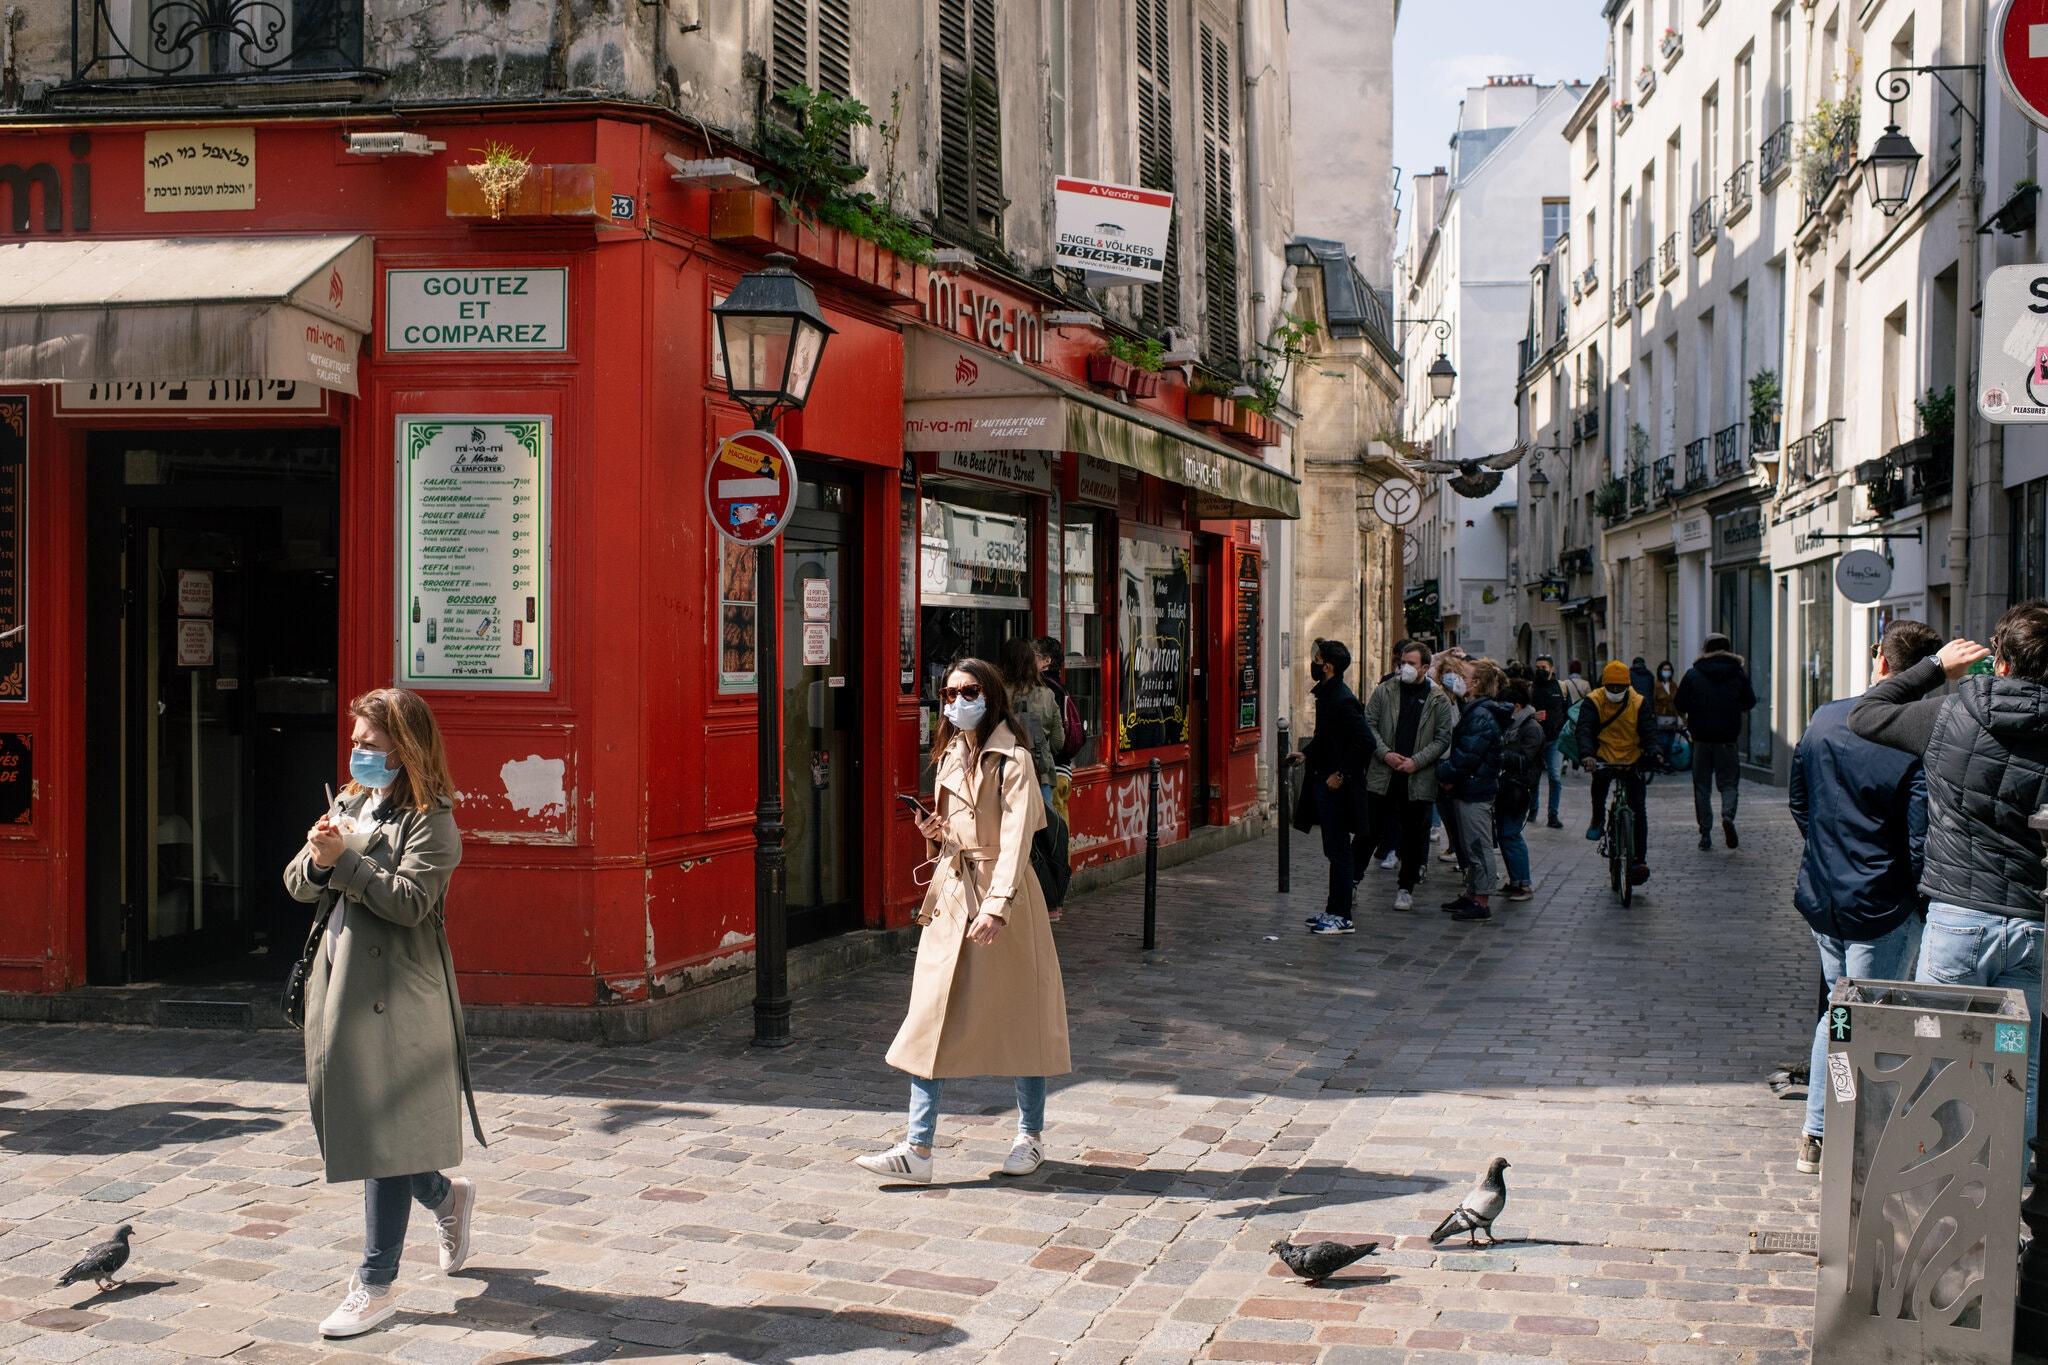 Người dân đi lại ở trung tâm Paris, Pháp hồi đầu tháng 4/2021. Ảnh: NY Times